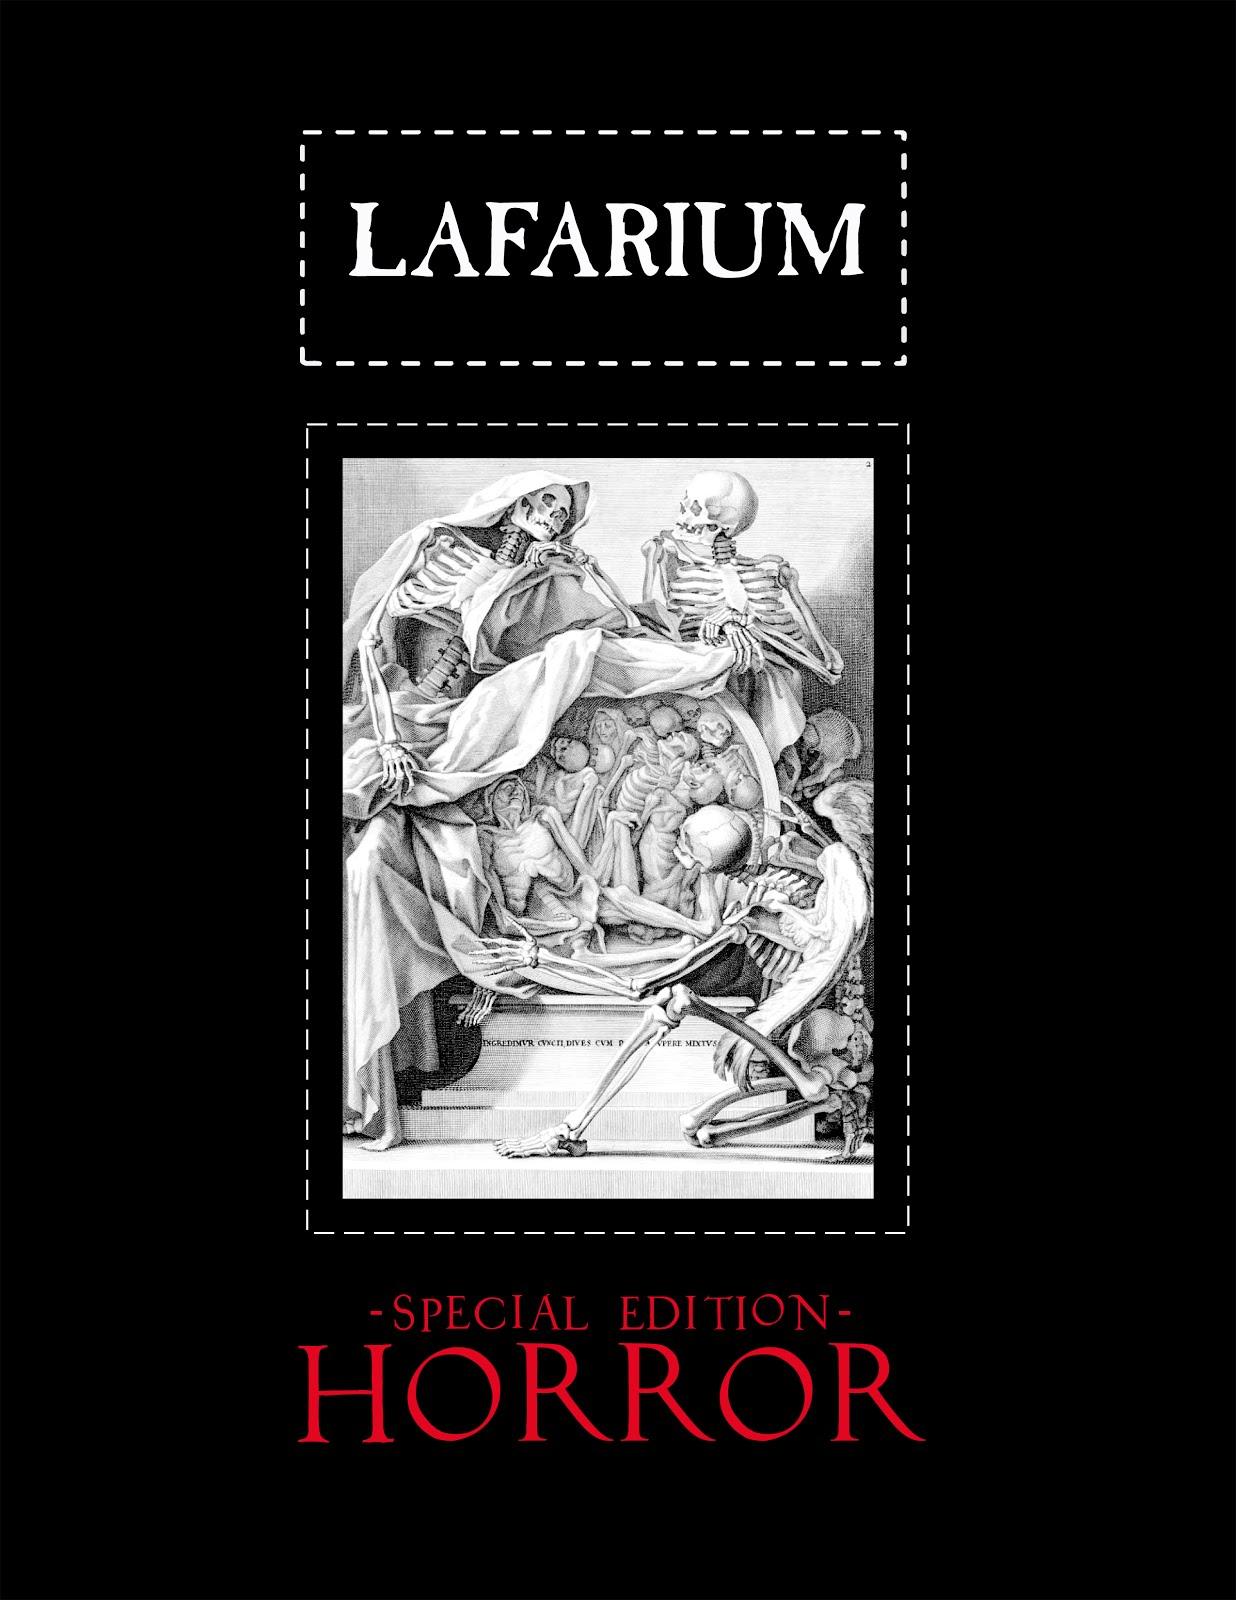 LAFARIUM Special Edition HORROR (2015)